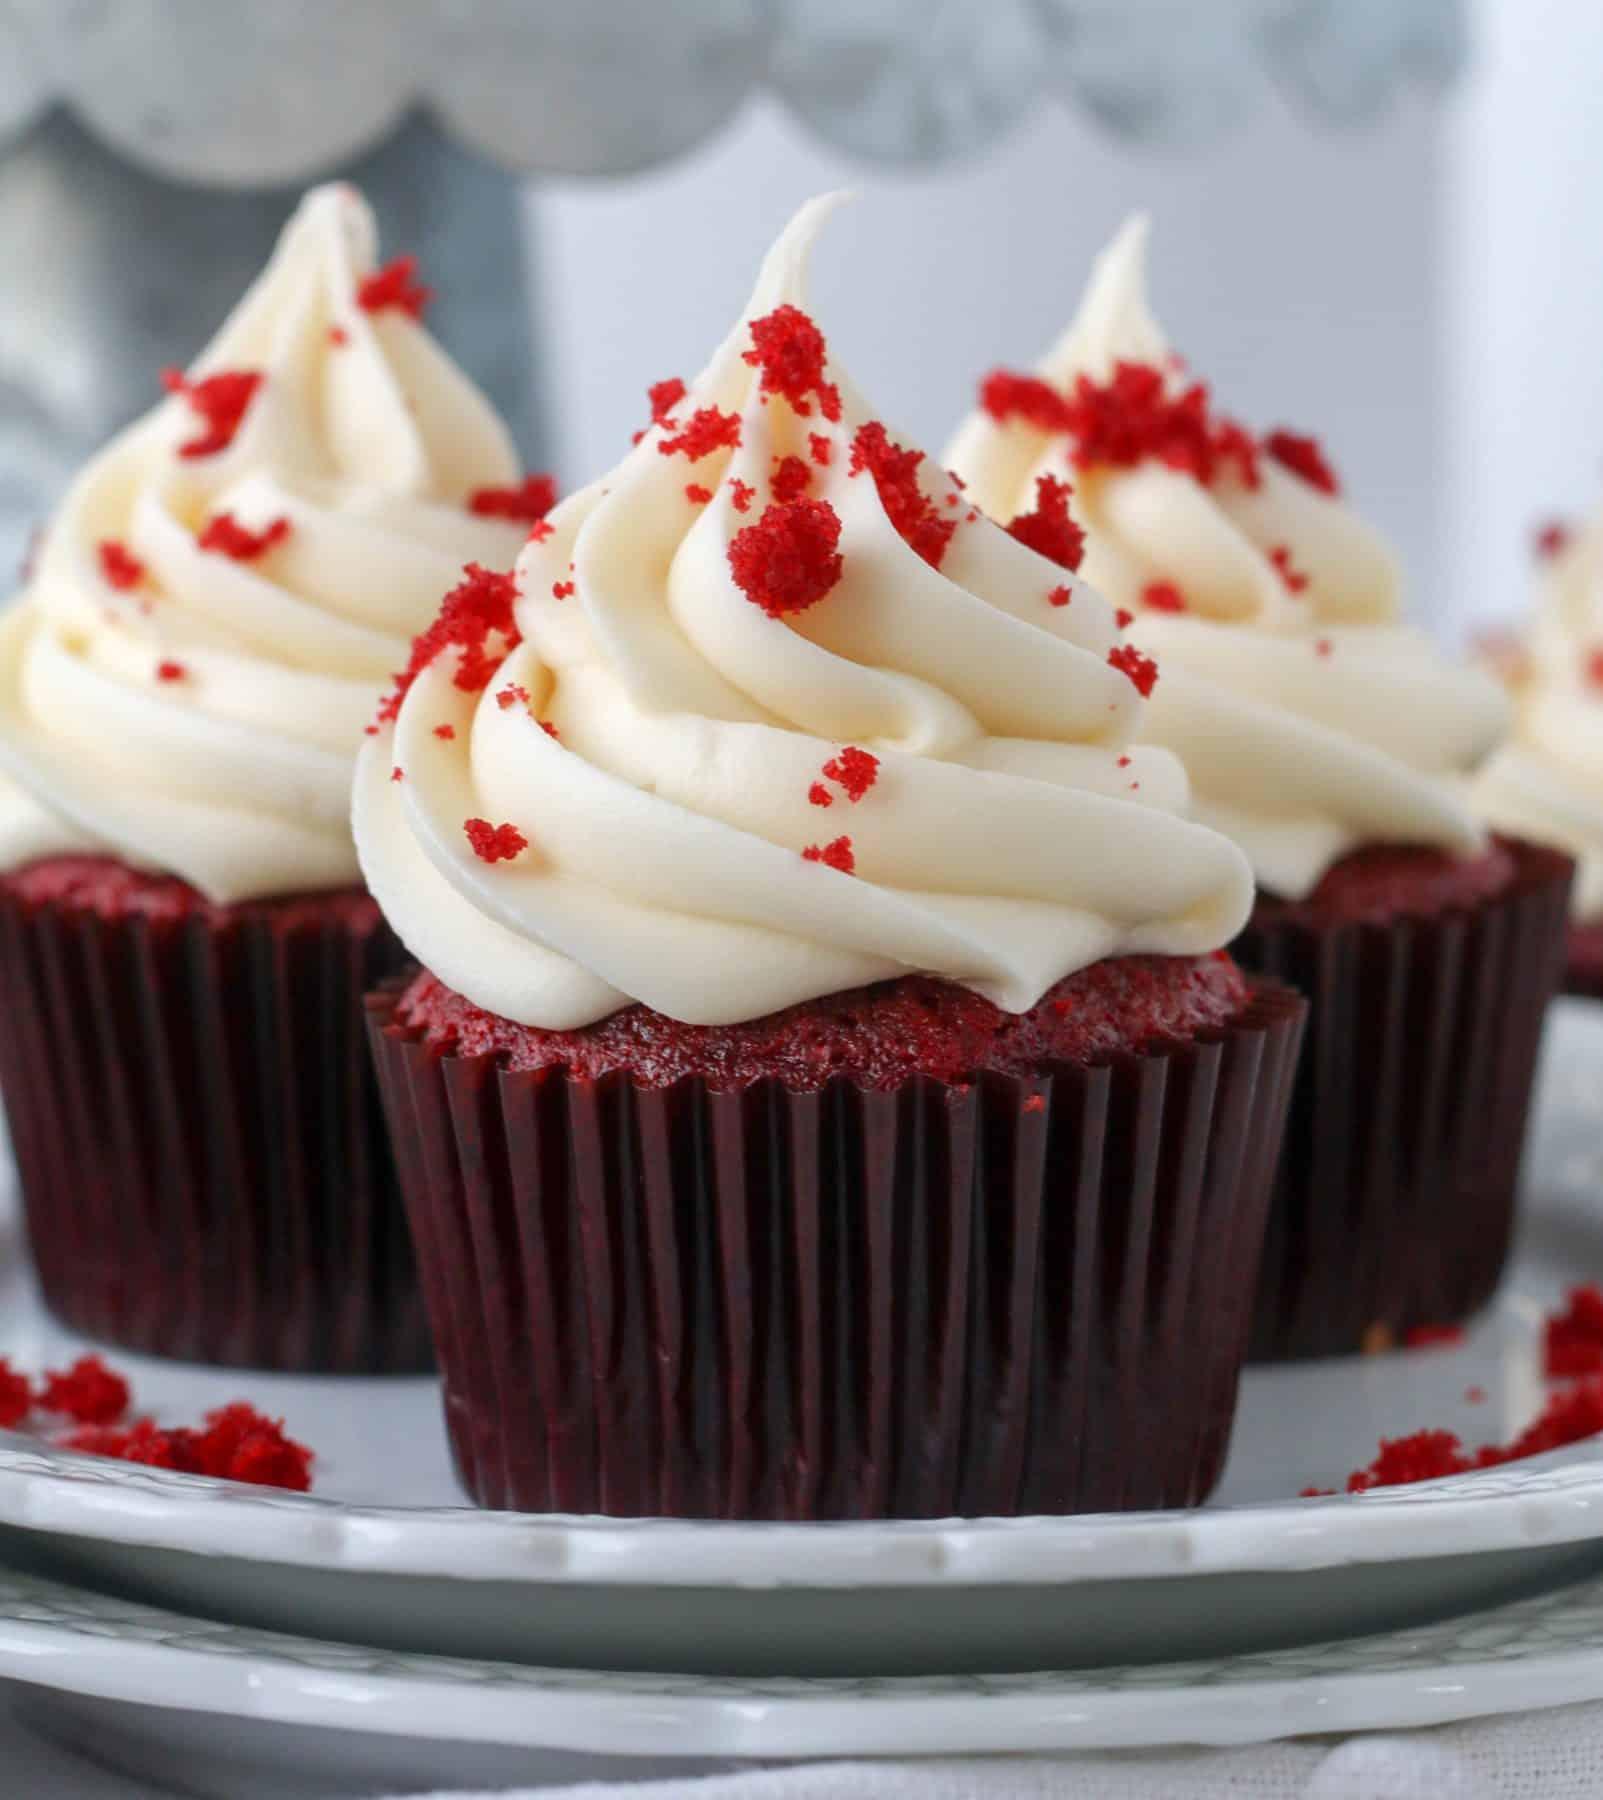 Red Velvet Cake Decorating Ideas